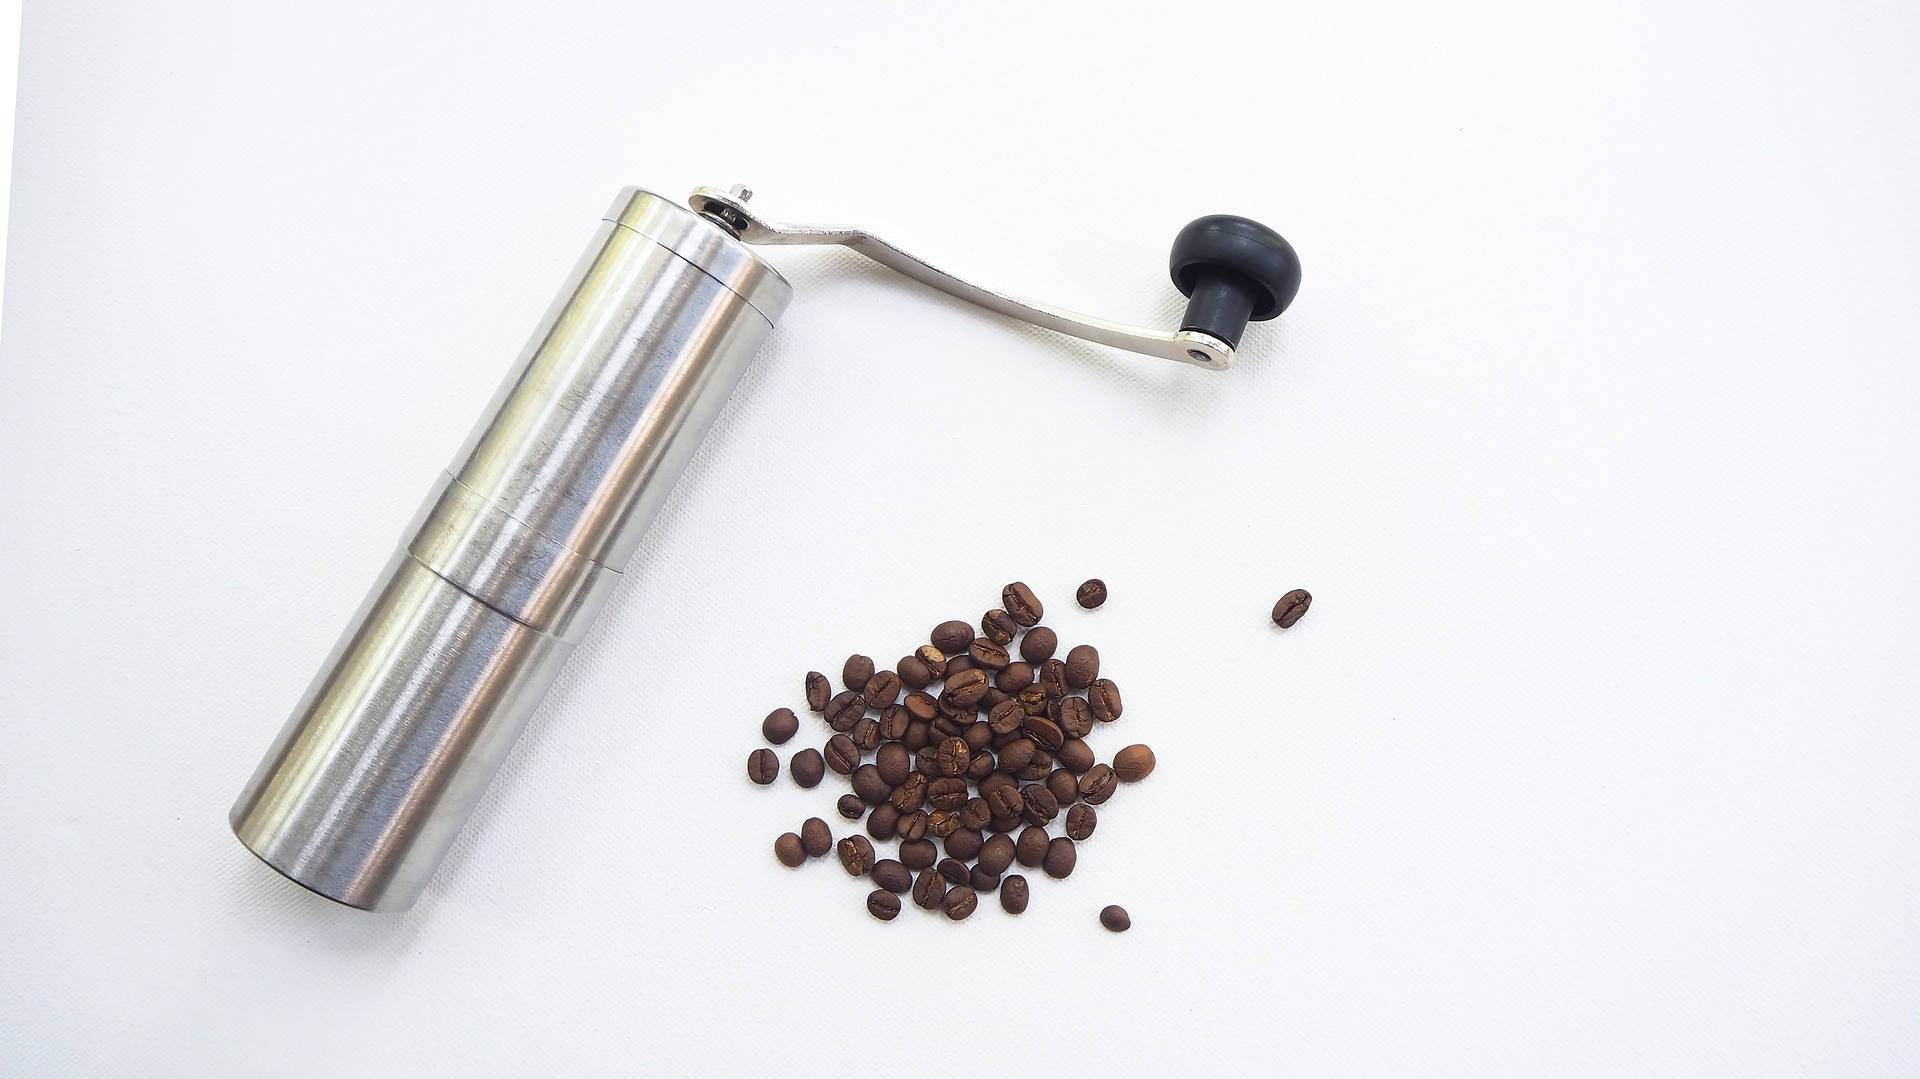 Handkaffeemühle aus Metall